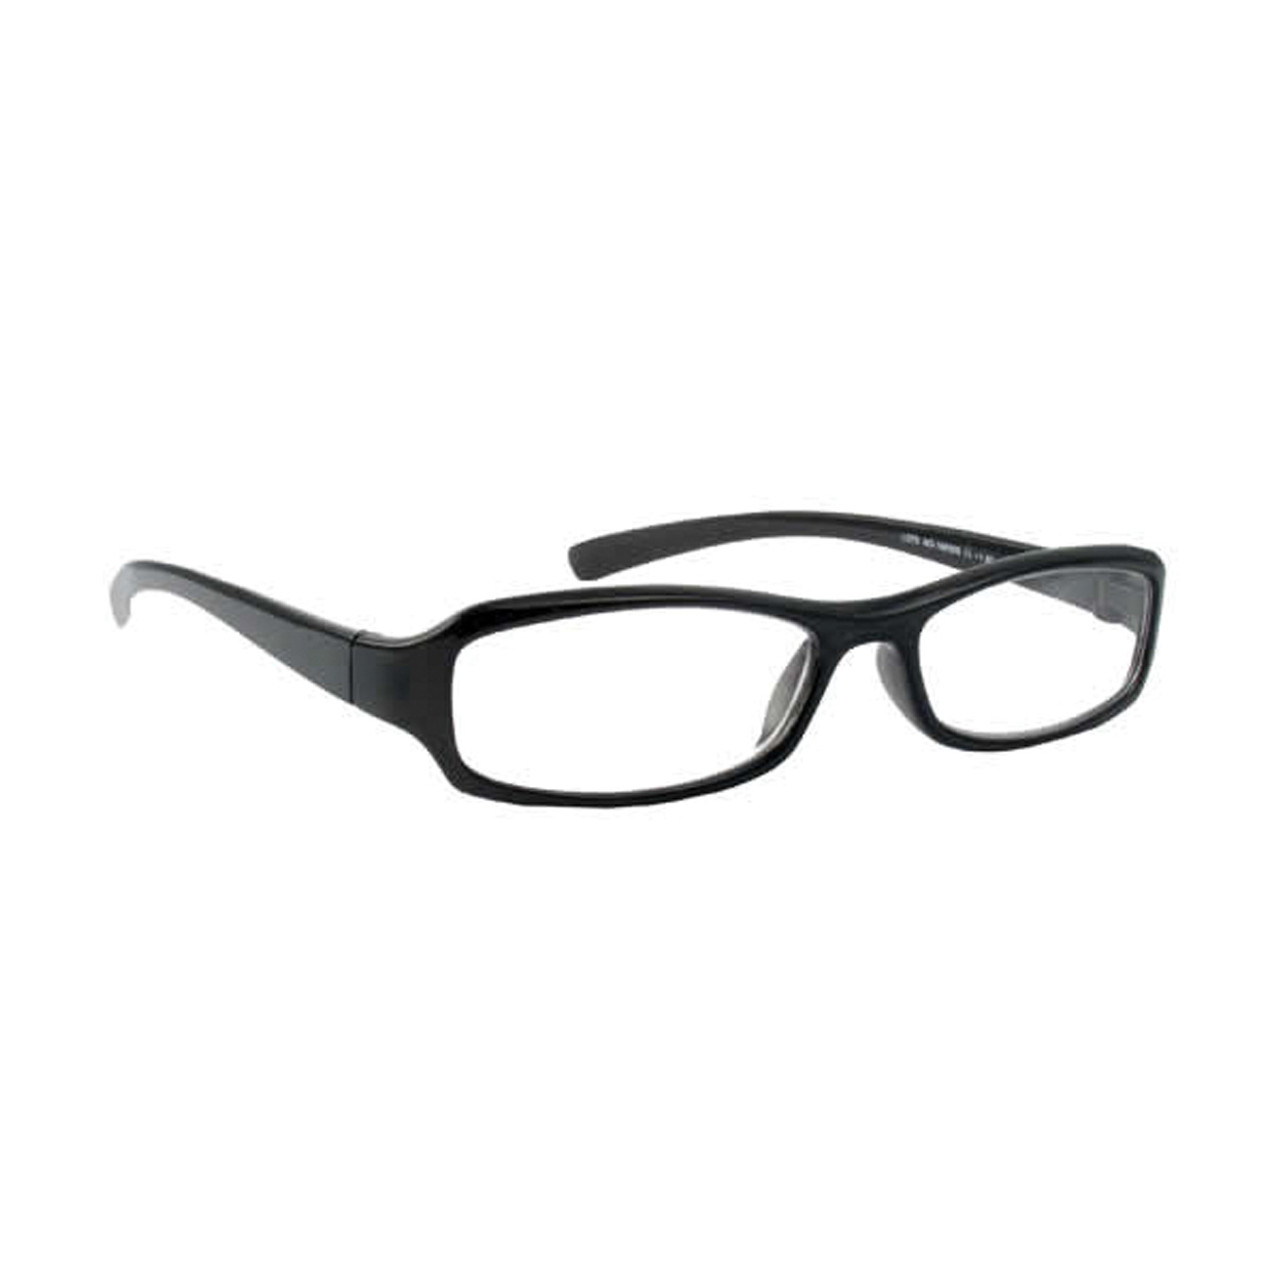 +5.00 Deluxe Reading Glasses W/Black Frame